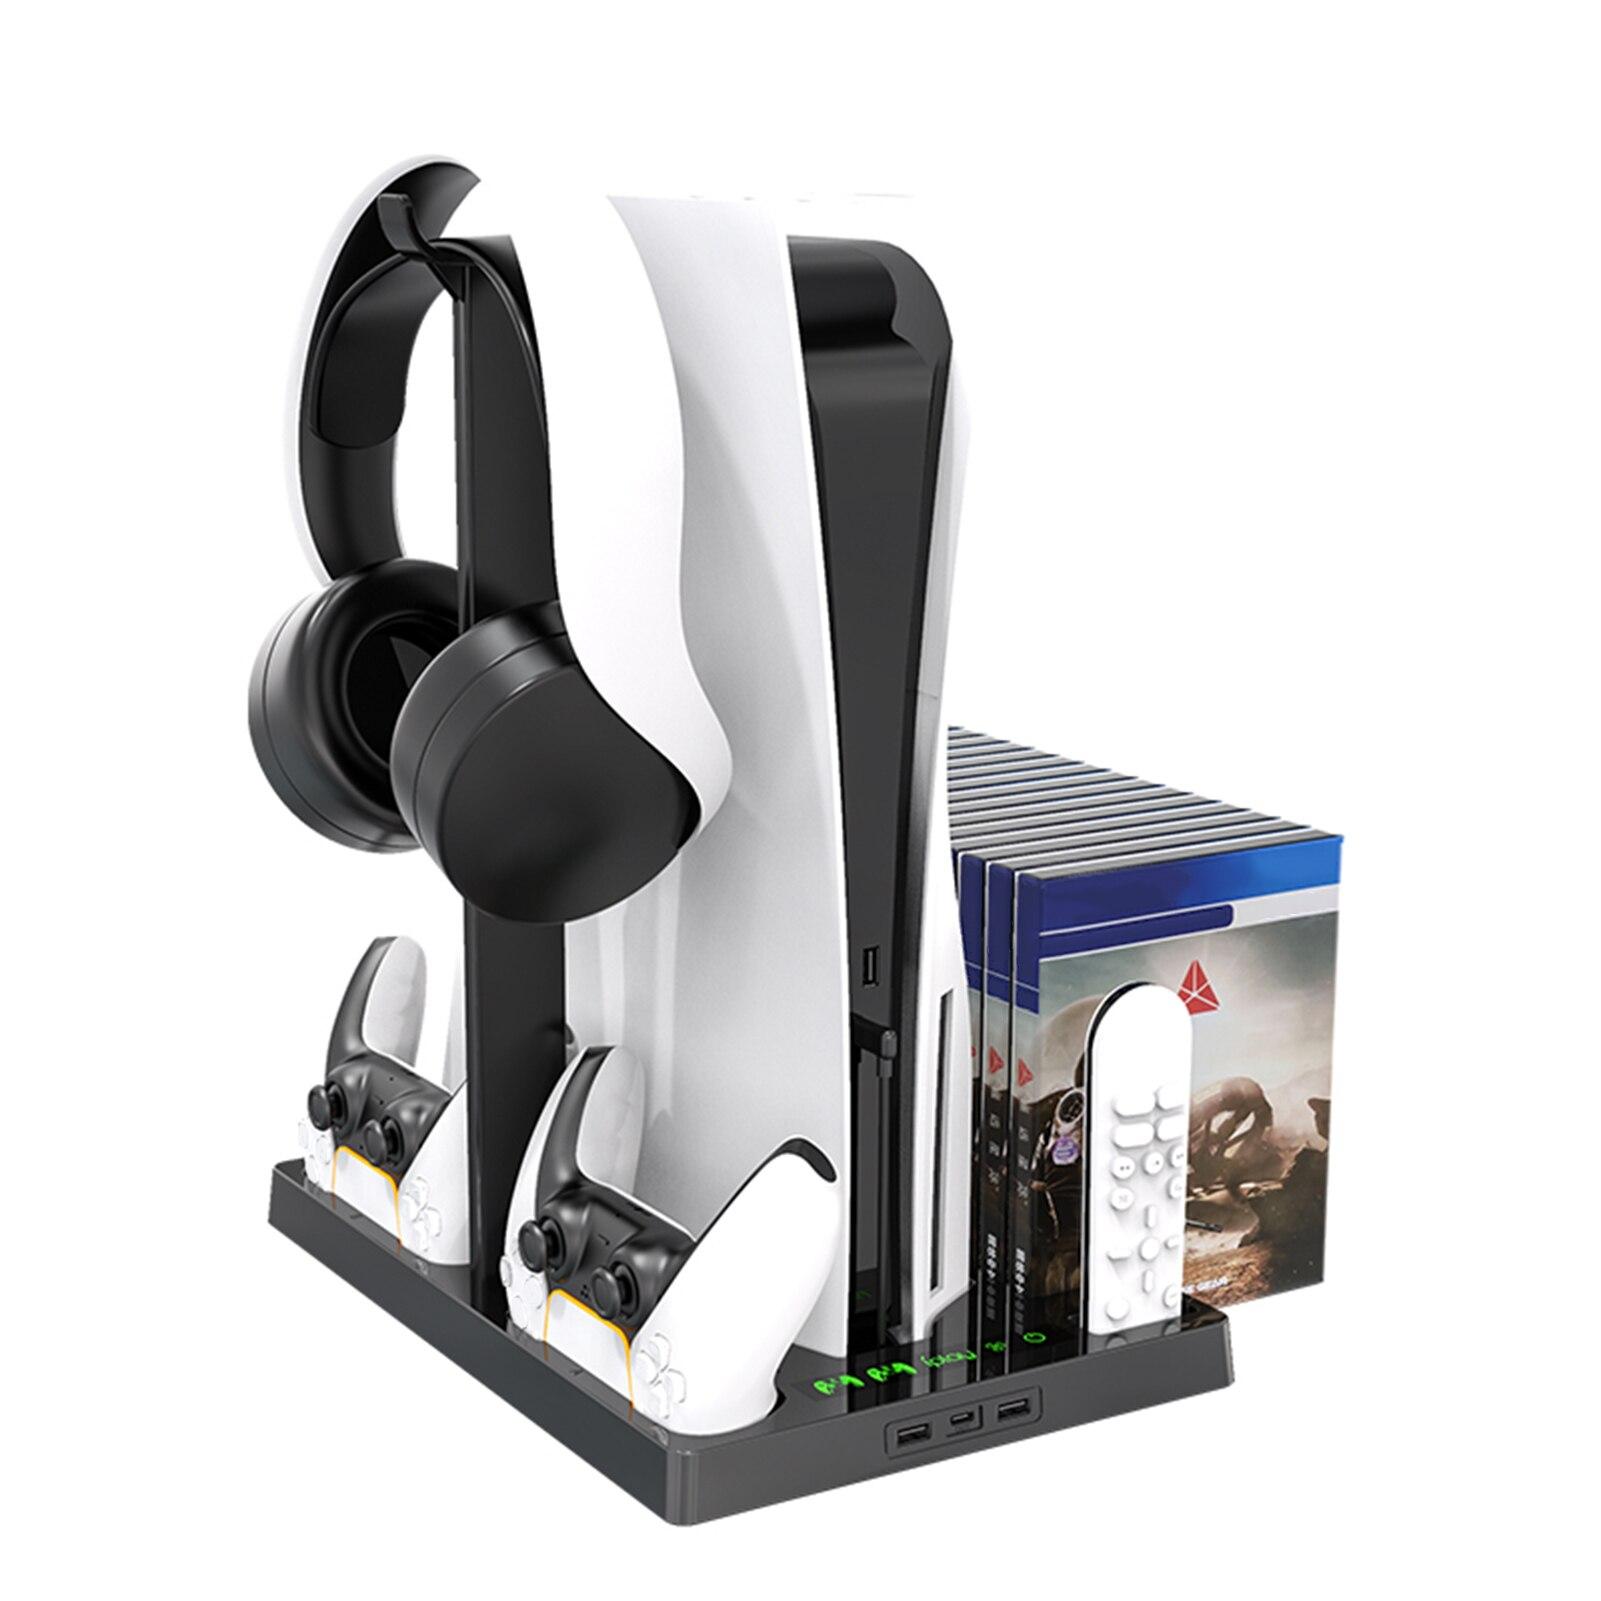 Soporte de ventilador de refrigeración Vertical para consola PS5, estación de controlador...